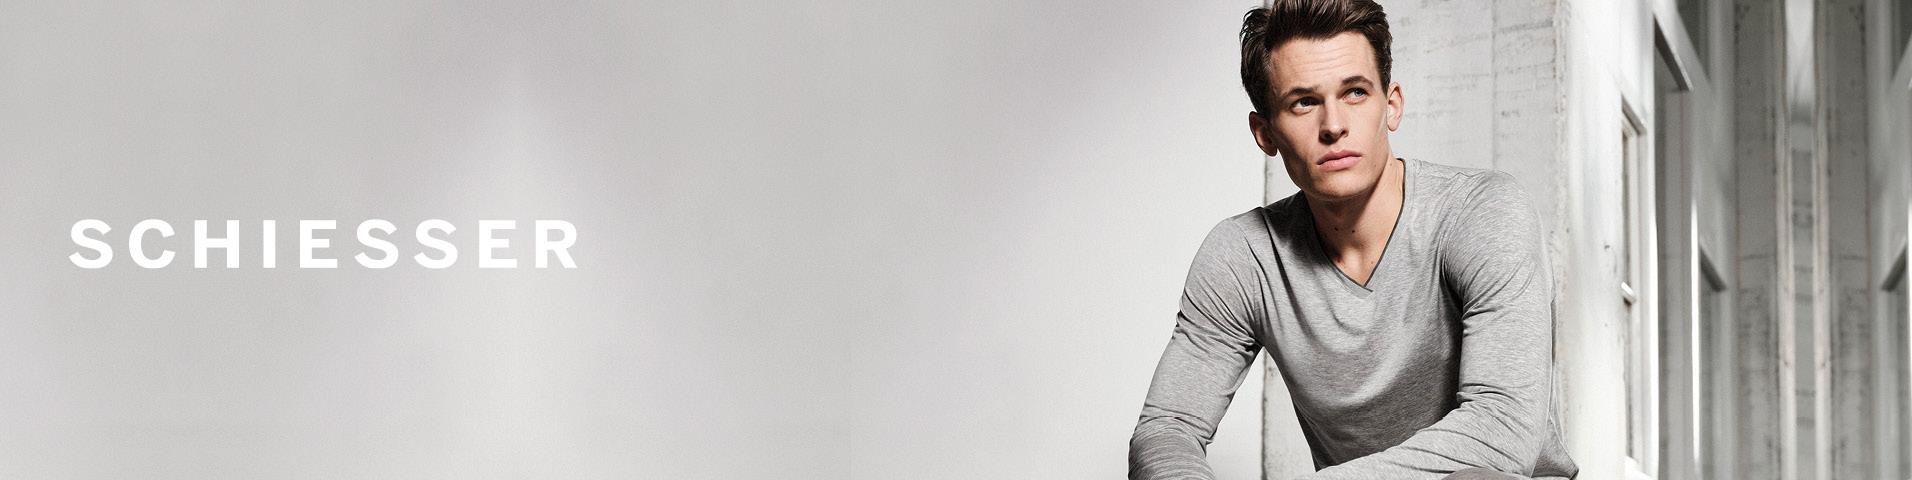 Schiesser Online Outlet Mode für Herren im SALE| Jetzt